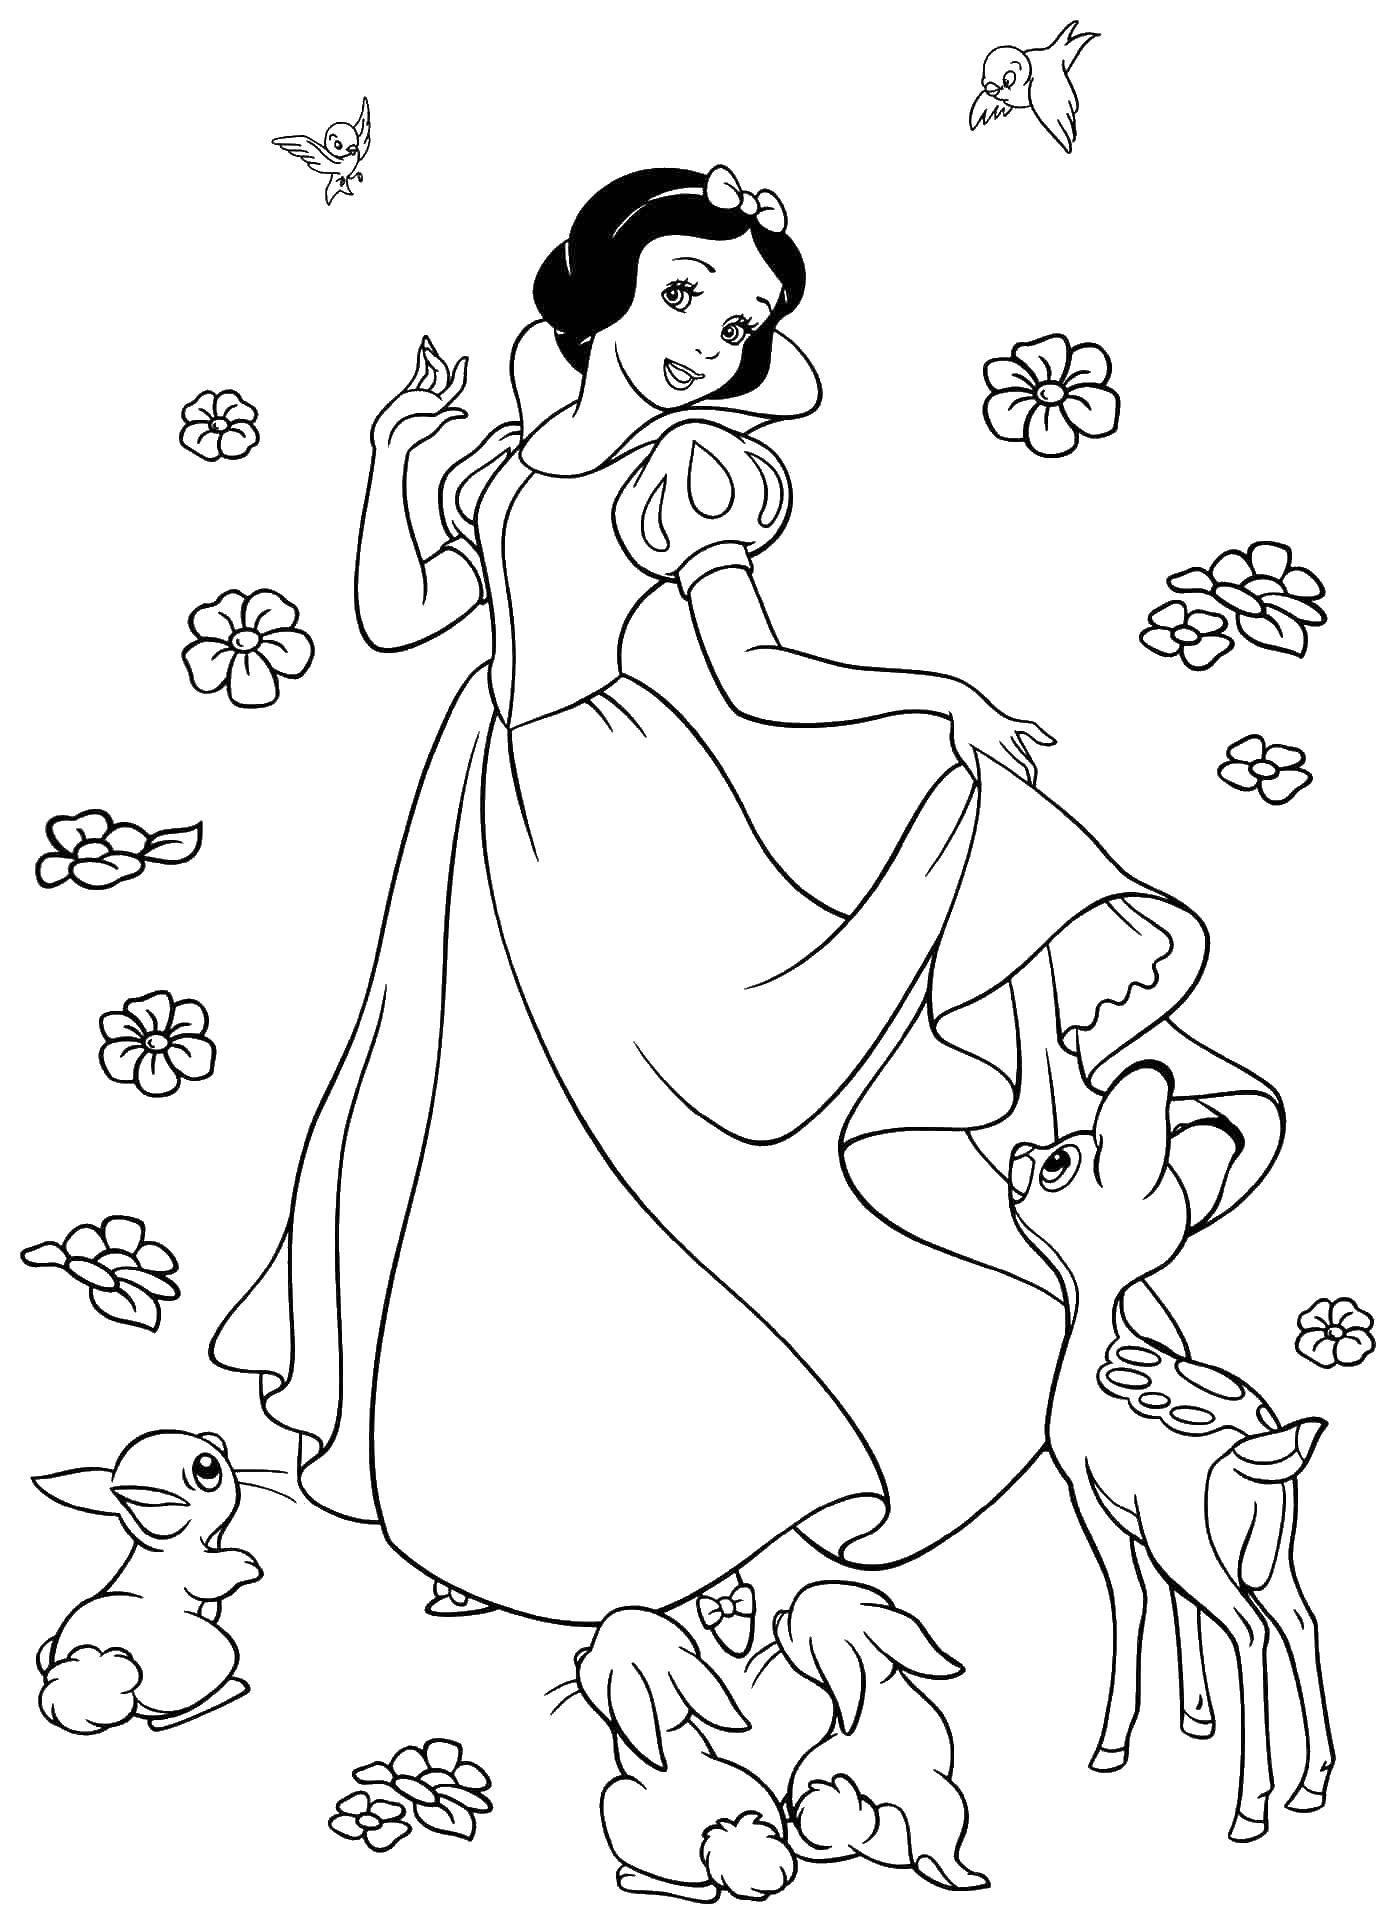 Раскраска Белоснежка и звери Скачать принцессы, мультфильмы, сказки, Белоснежка.  Распечатать ,белоснежка,